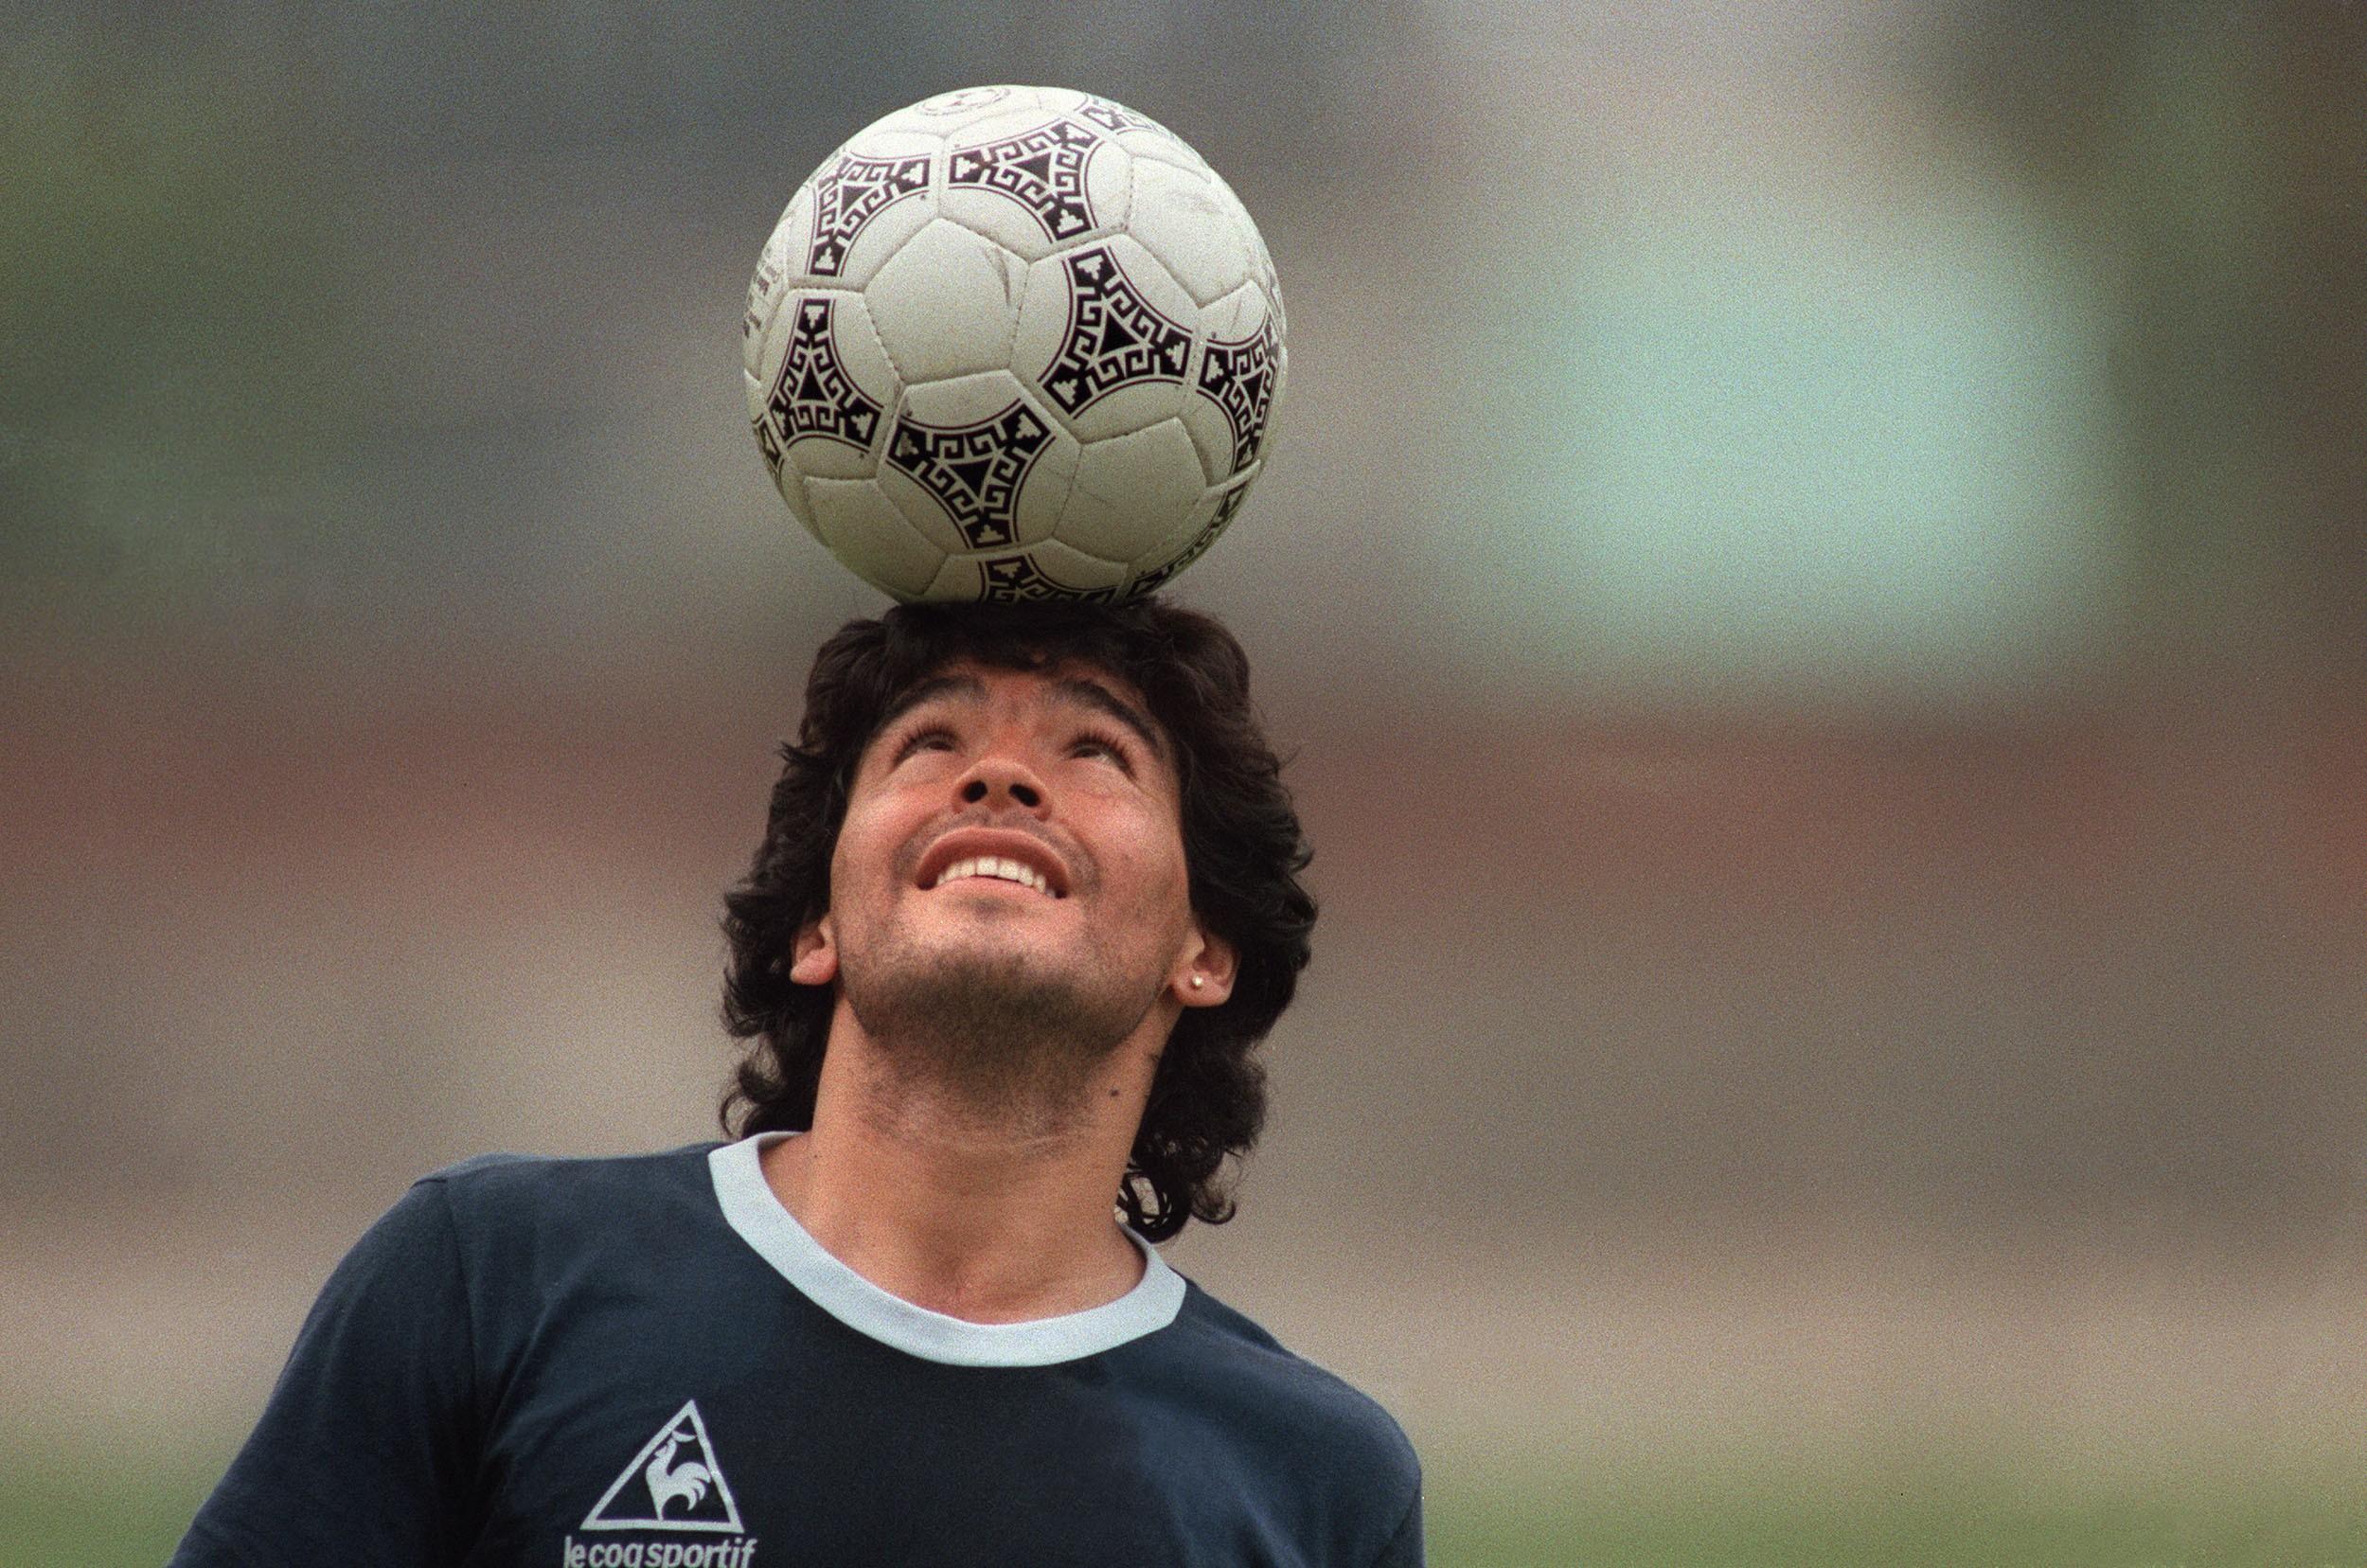 Homenagens a Maradona tomam a internet; veja